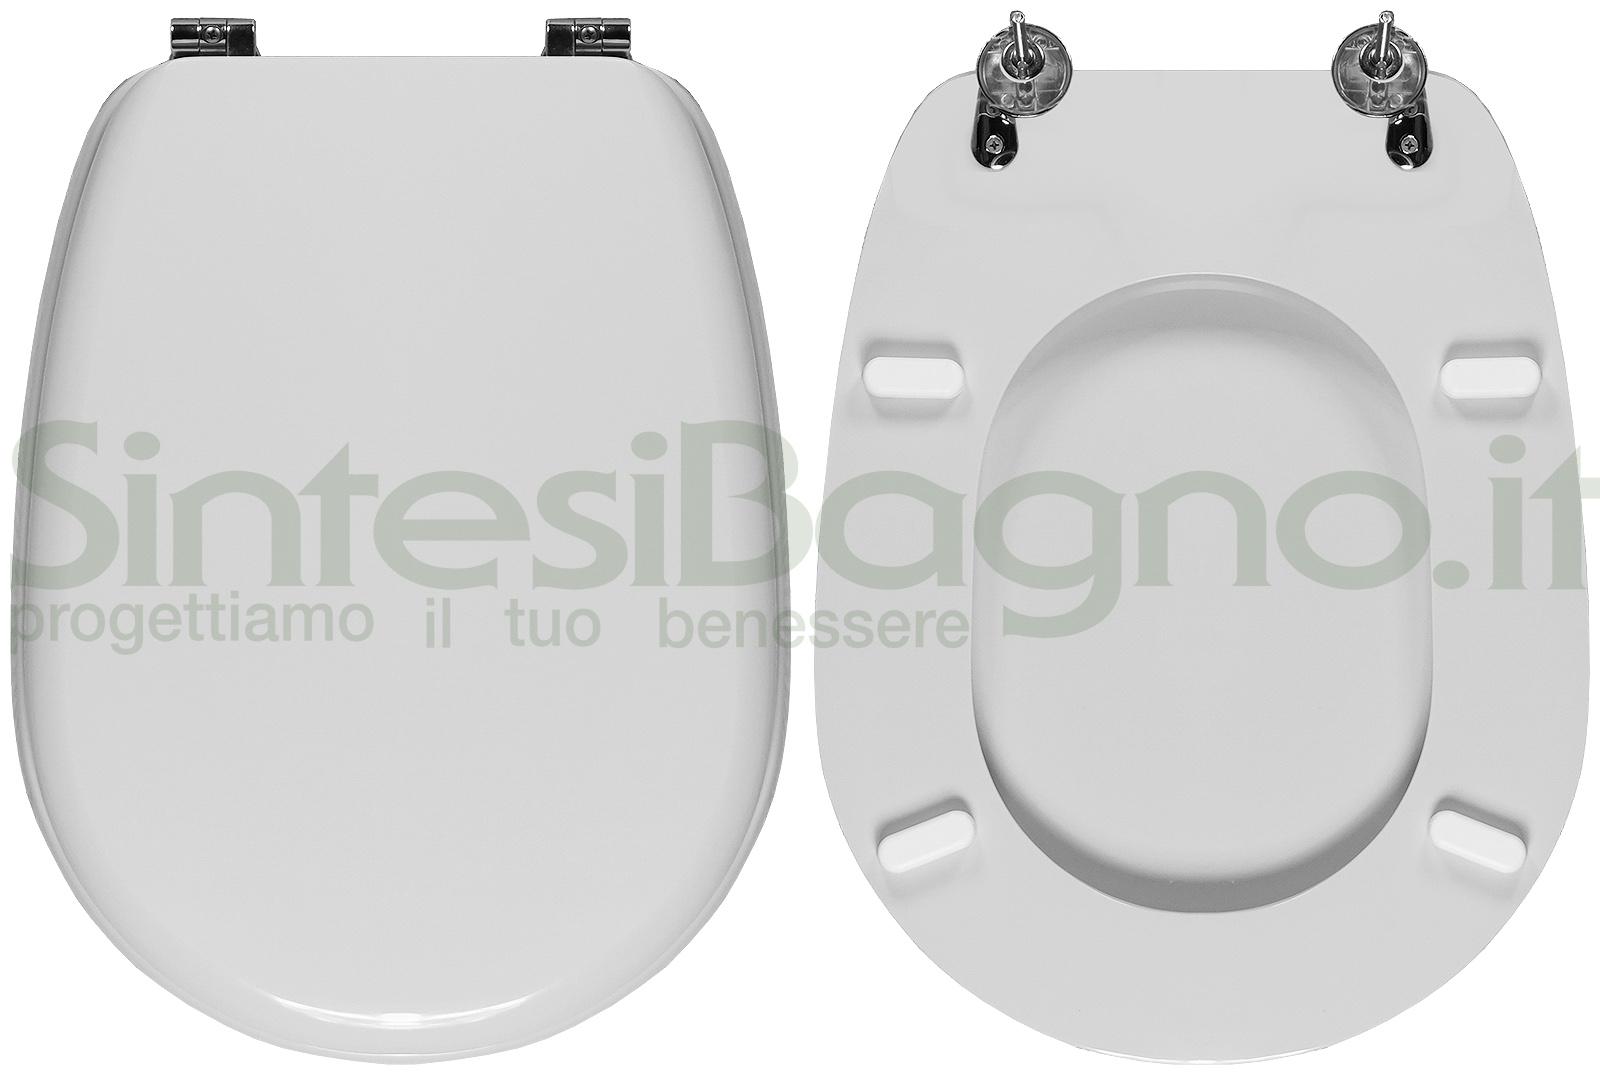 Sedile Wc Ideal Standard Liuto.Copriwater Per Wc Liuto Ideal Standard Bianco Standard Ricambio Dedicato Sintesibagno Shop Online